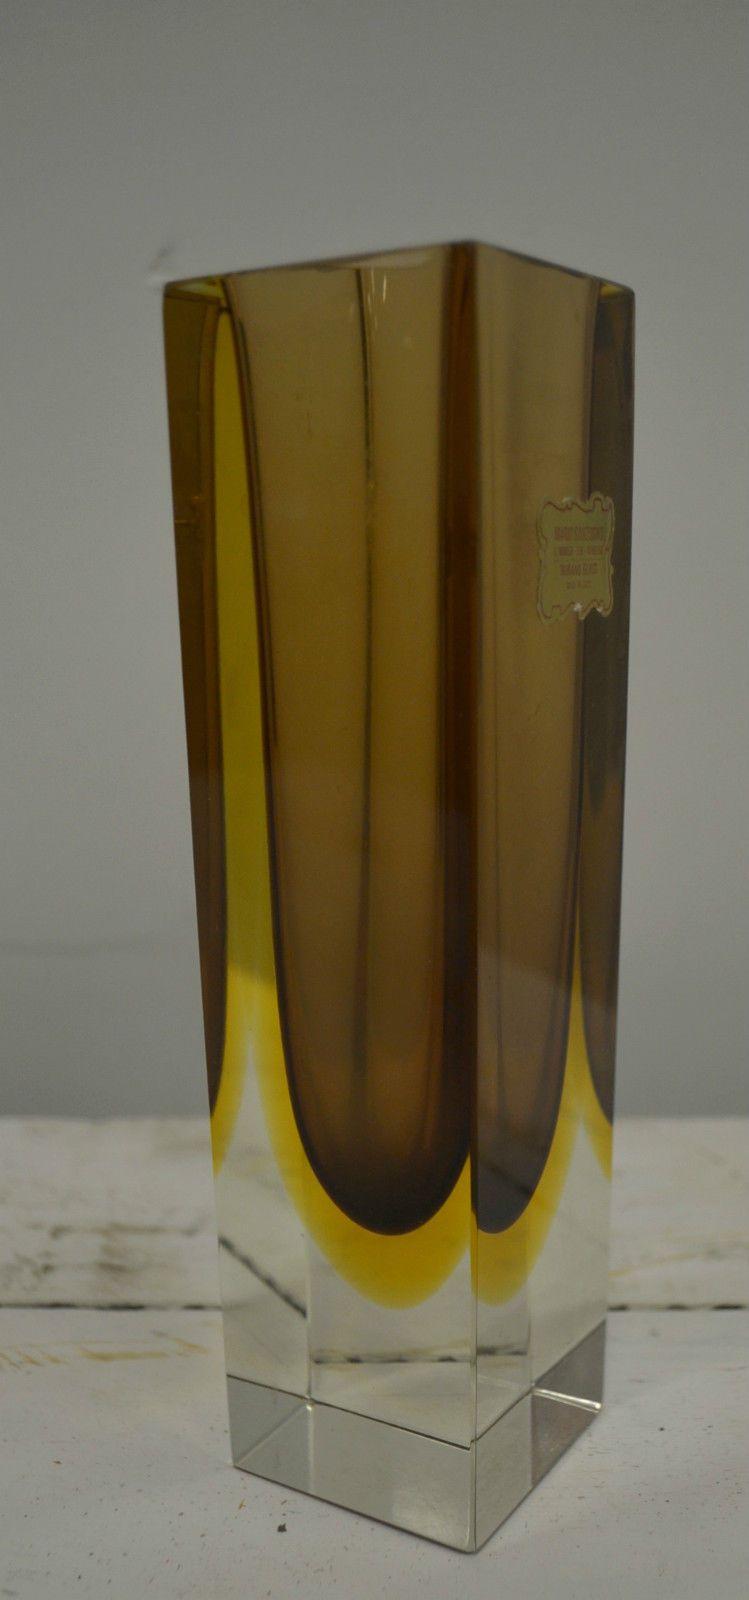 Original label vintage murano mario sanzogno art glass vase ebay original label vintage murano mario sanzogno art glass vase ebay floridaeventfo Images